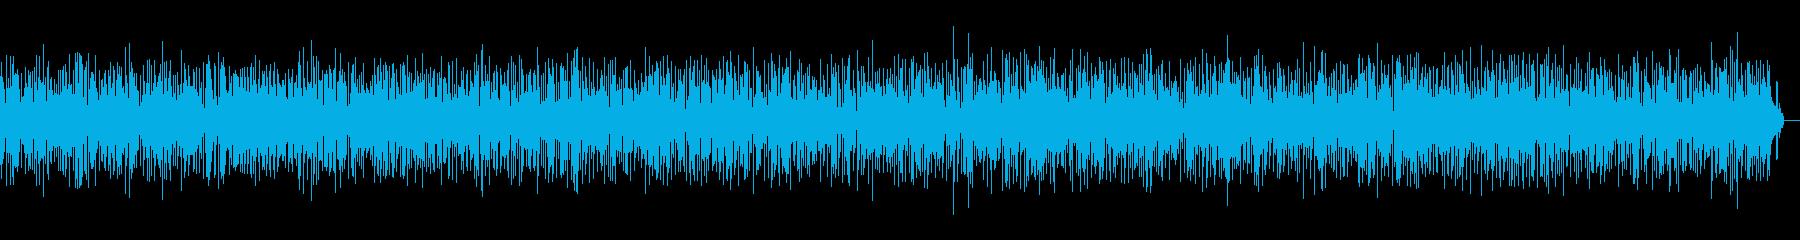 おしゃれでかっこいいパリ風アコーディオンの再生済みの波形